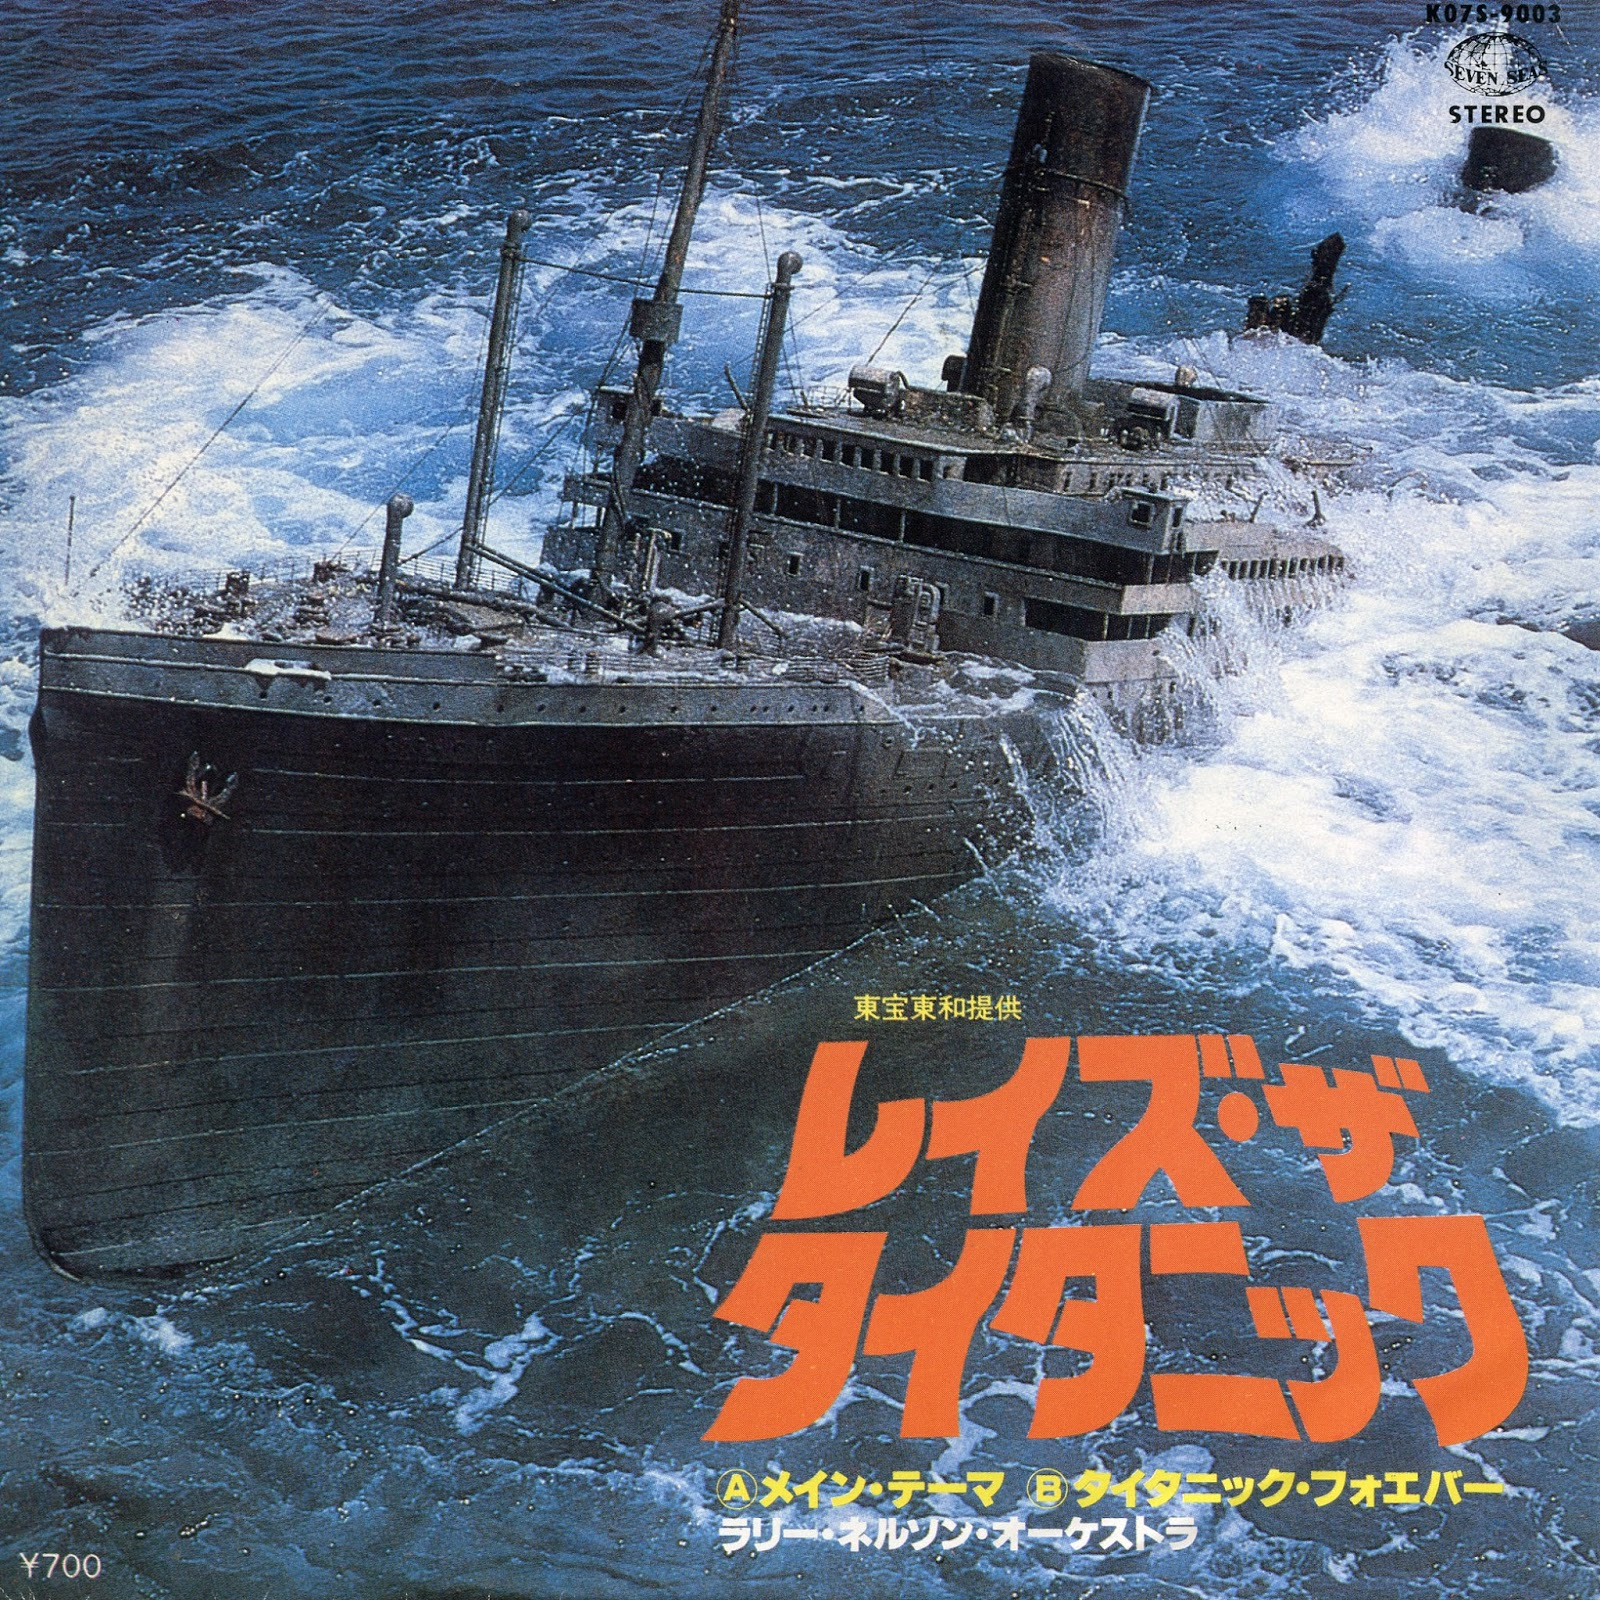 Clive Cussler Book Collecting: Raise the Titanic - Movie Raising The Titanic